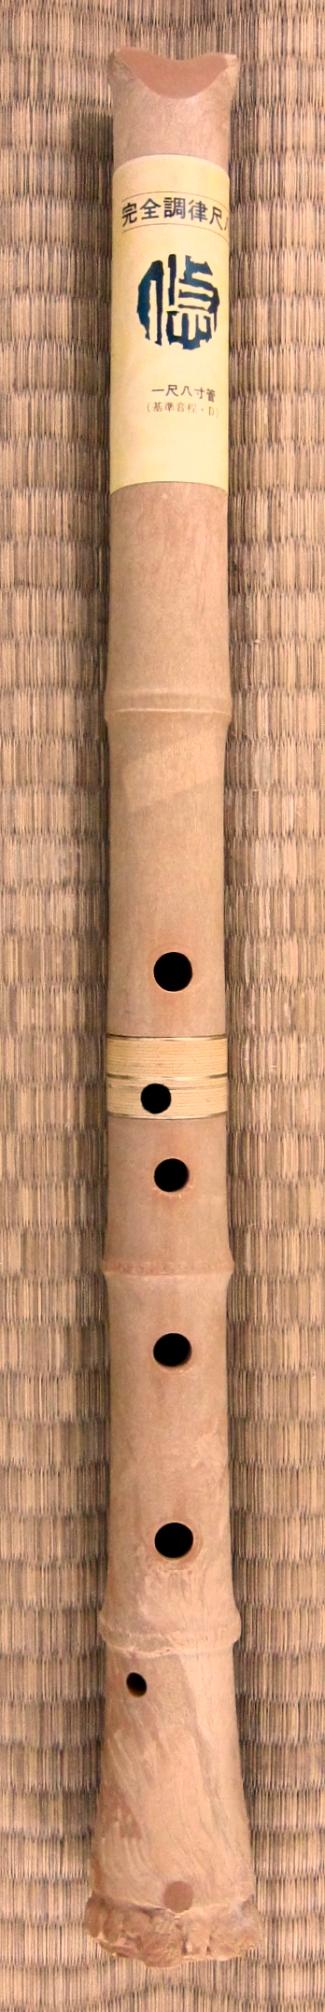 seven hole shakuhachi yuu